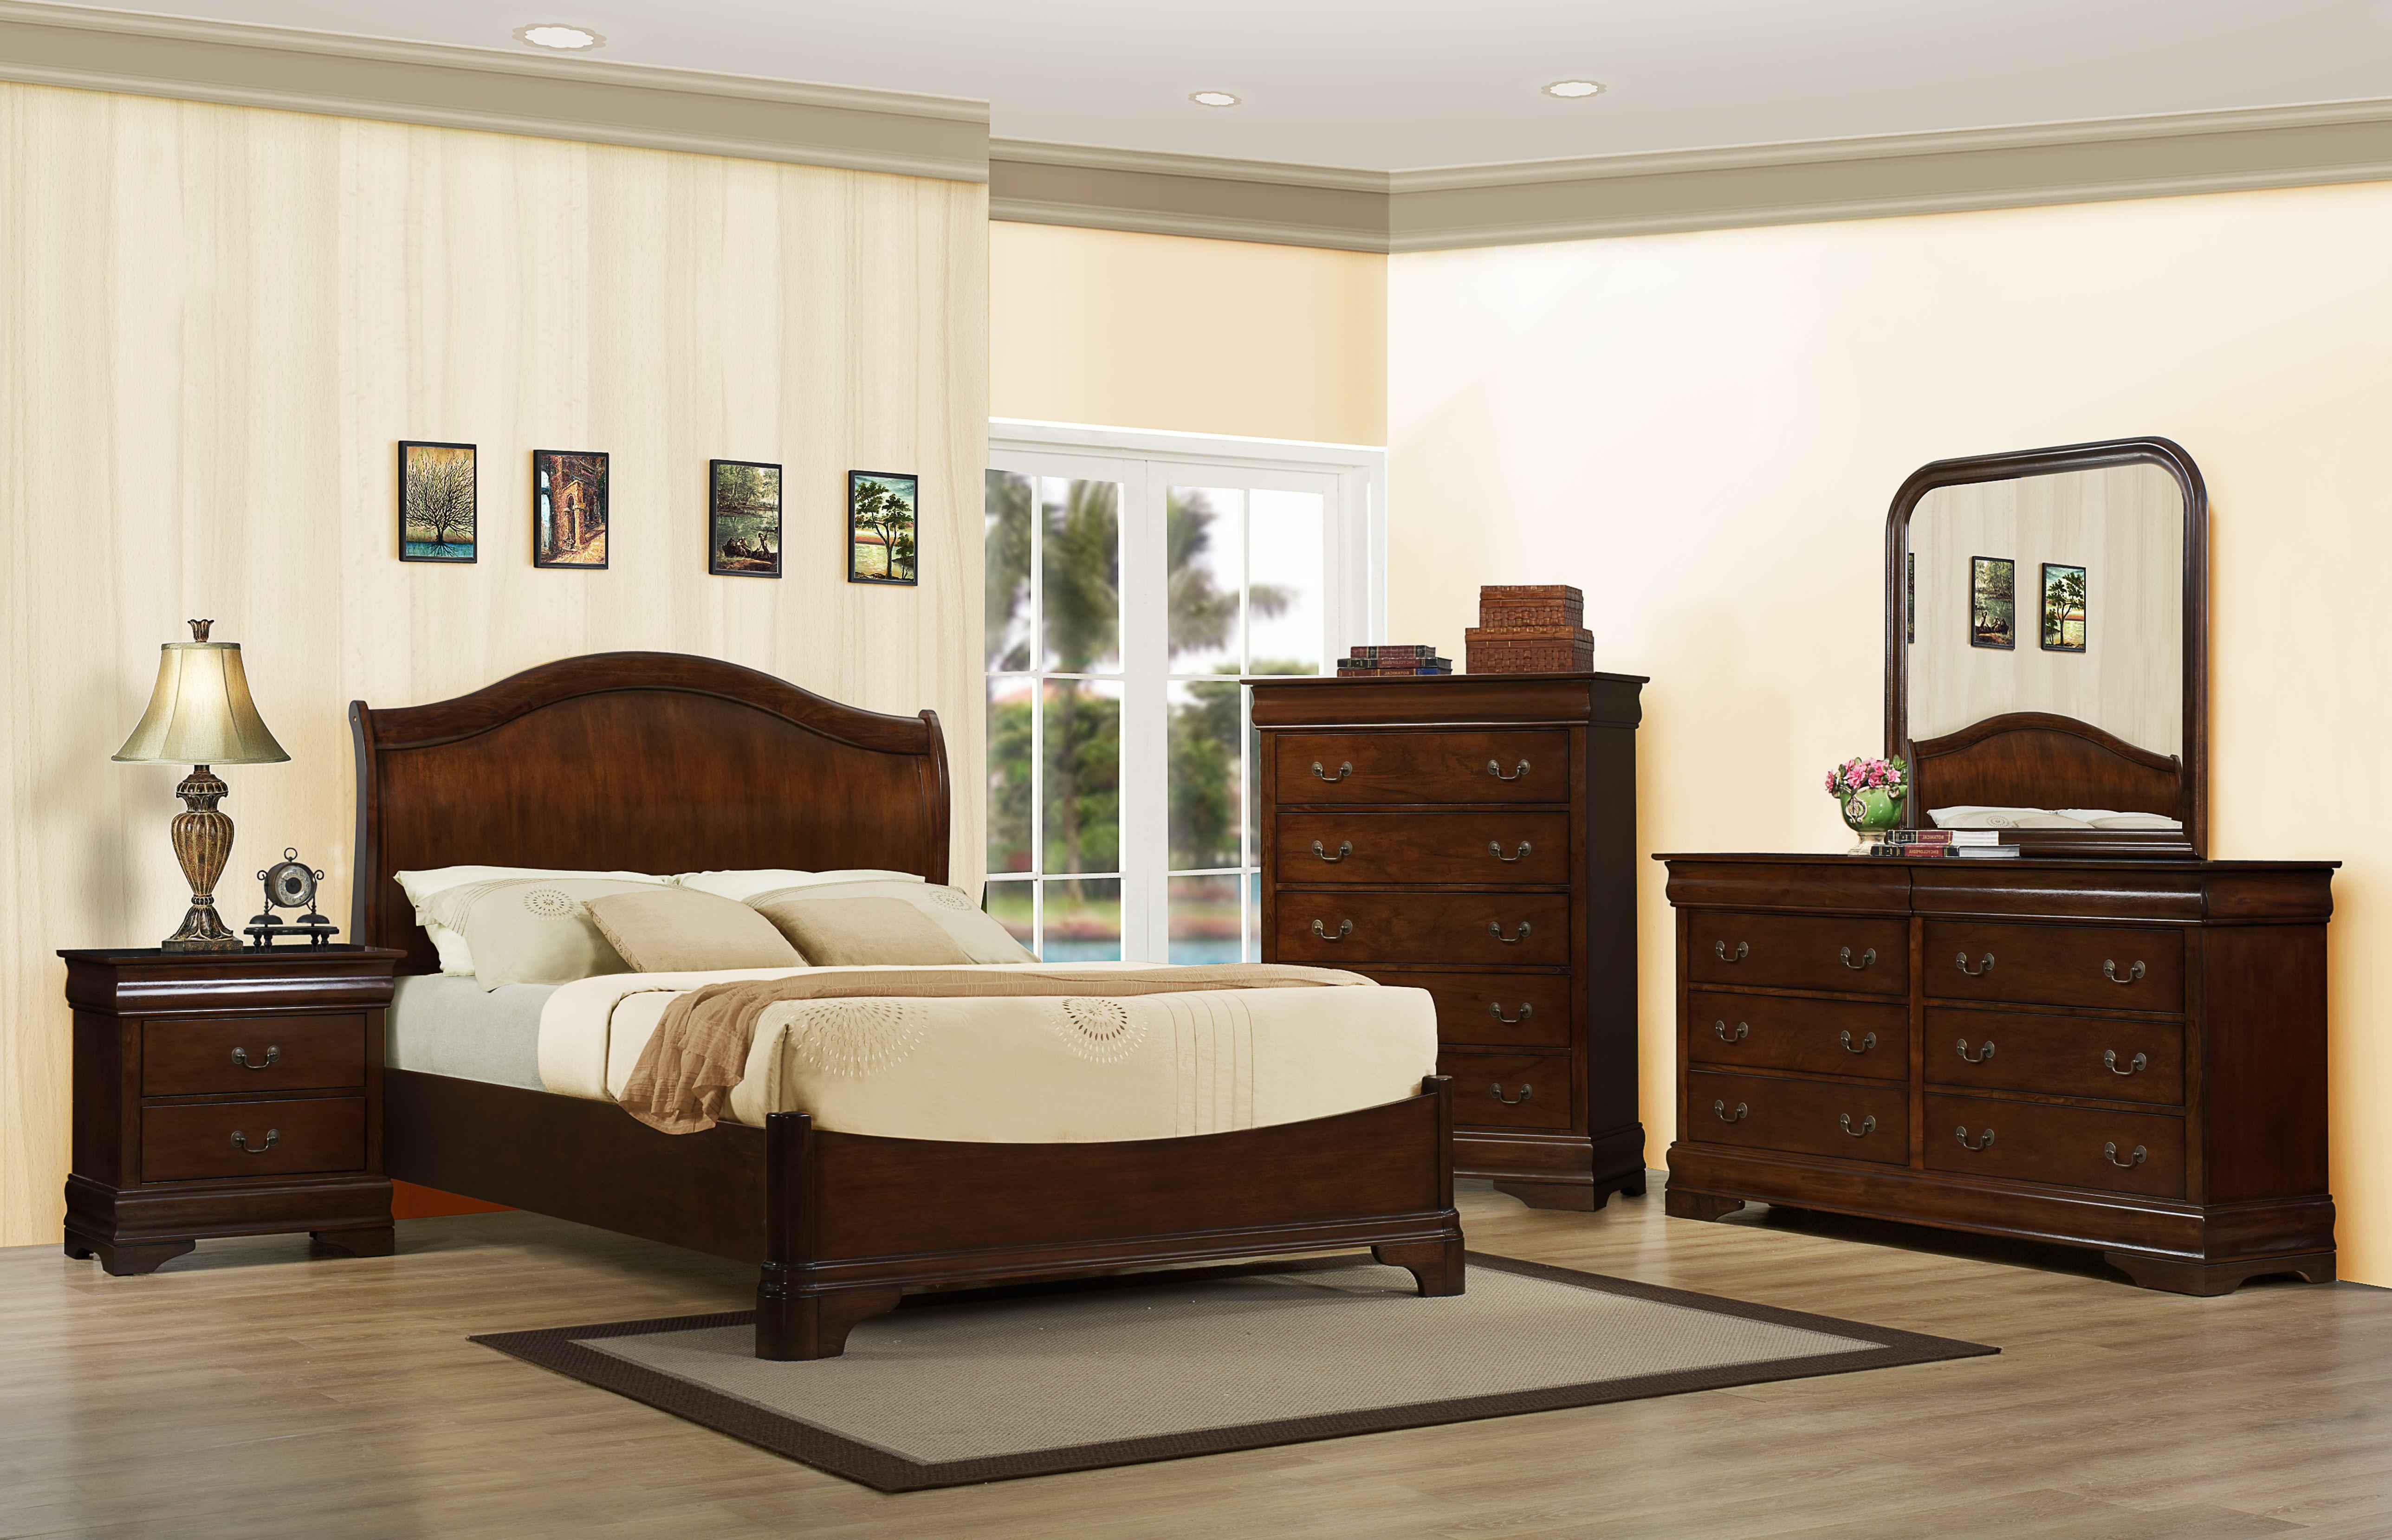 Prillo meuble de chambre coucher aubaine de la semaine for Meuble entrepot